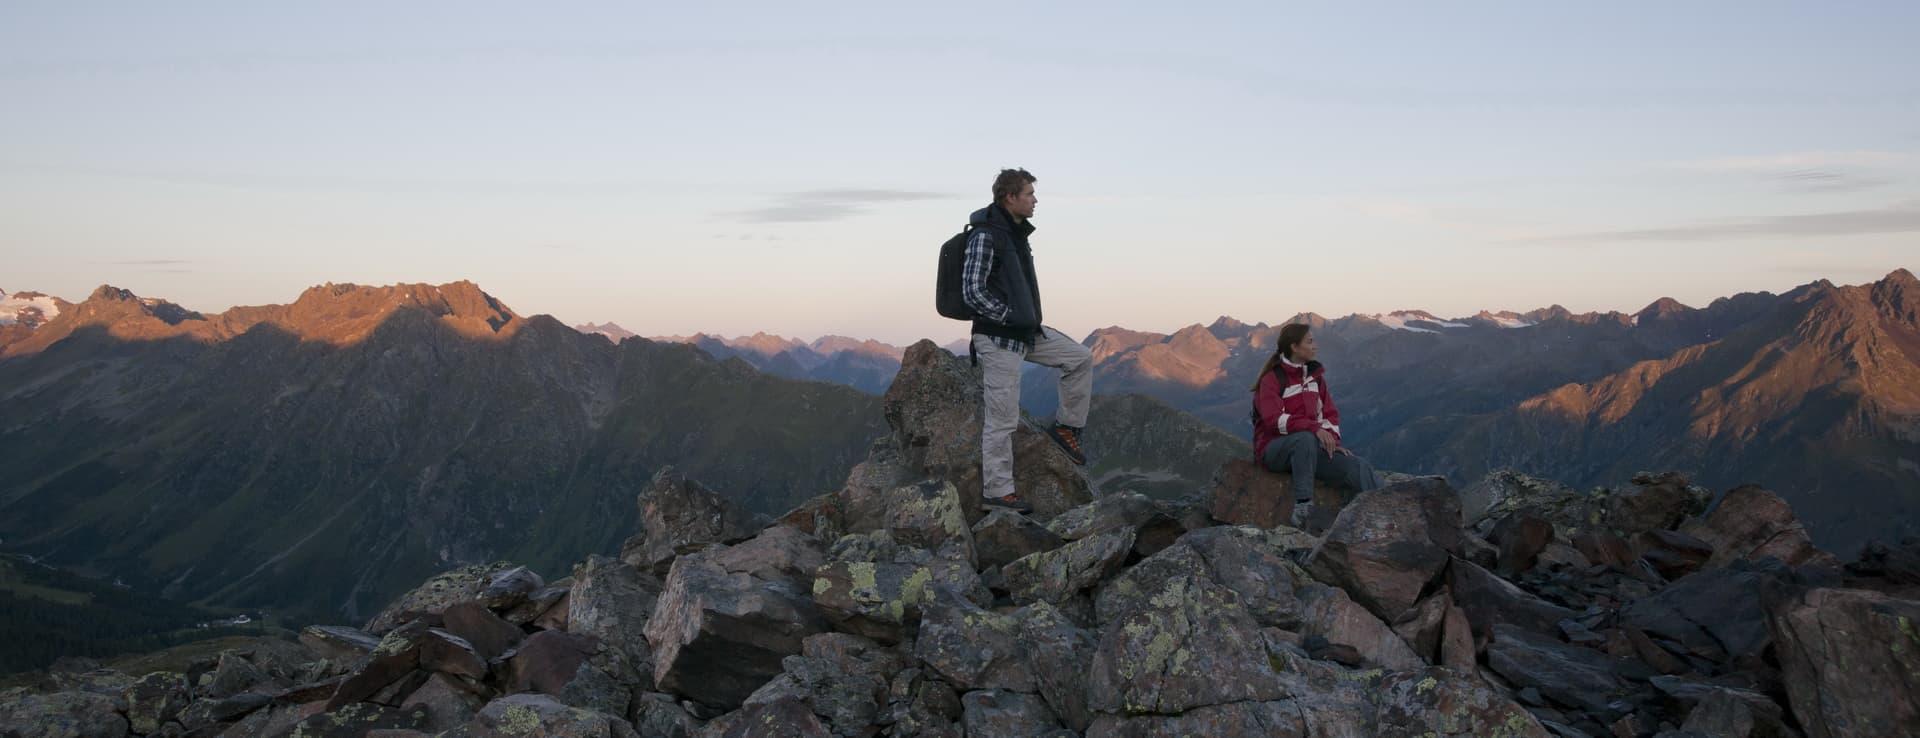 Vandring Ischgl Semester i Österrike Tirol